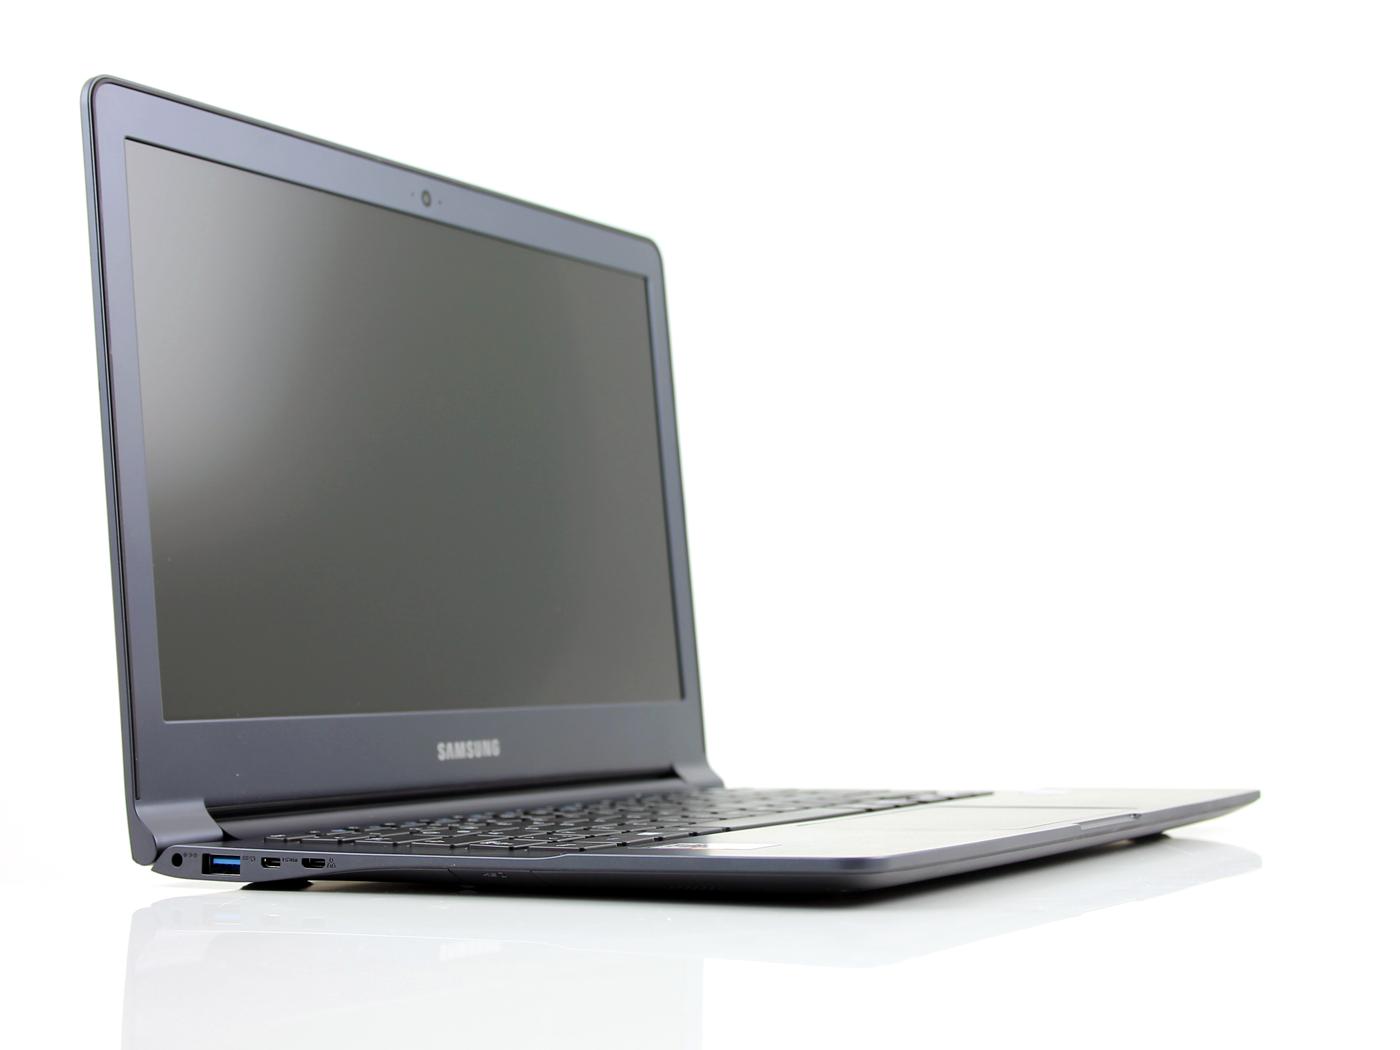 The Open Source Hacker's Laptop | Hackaday